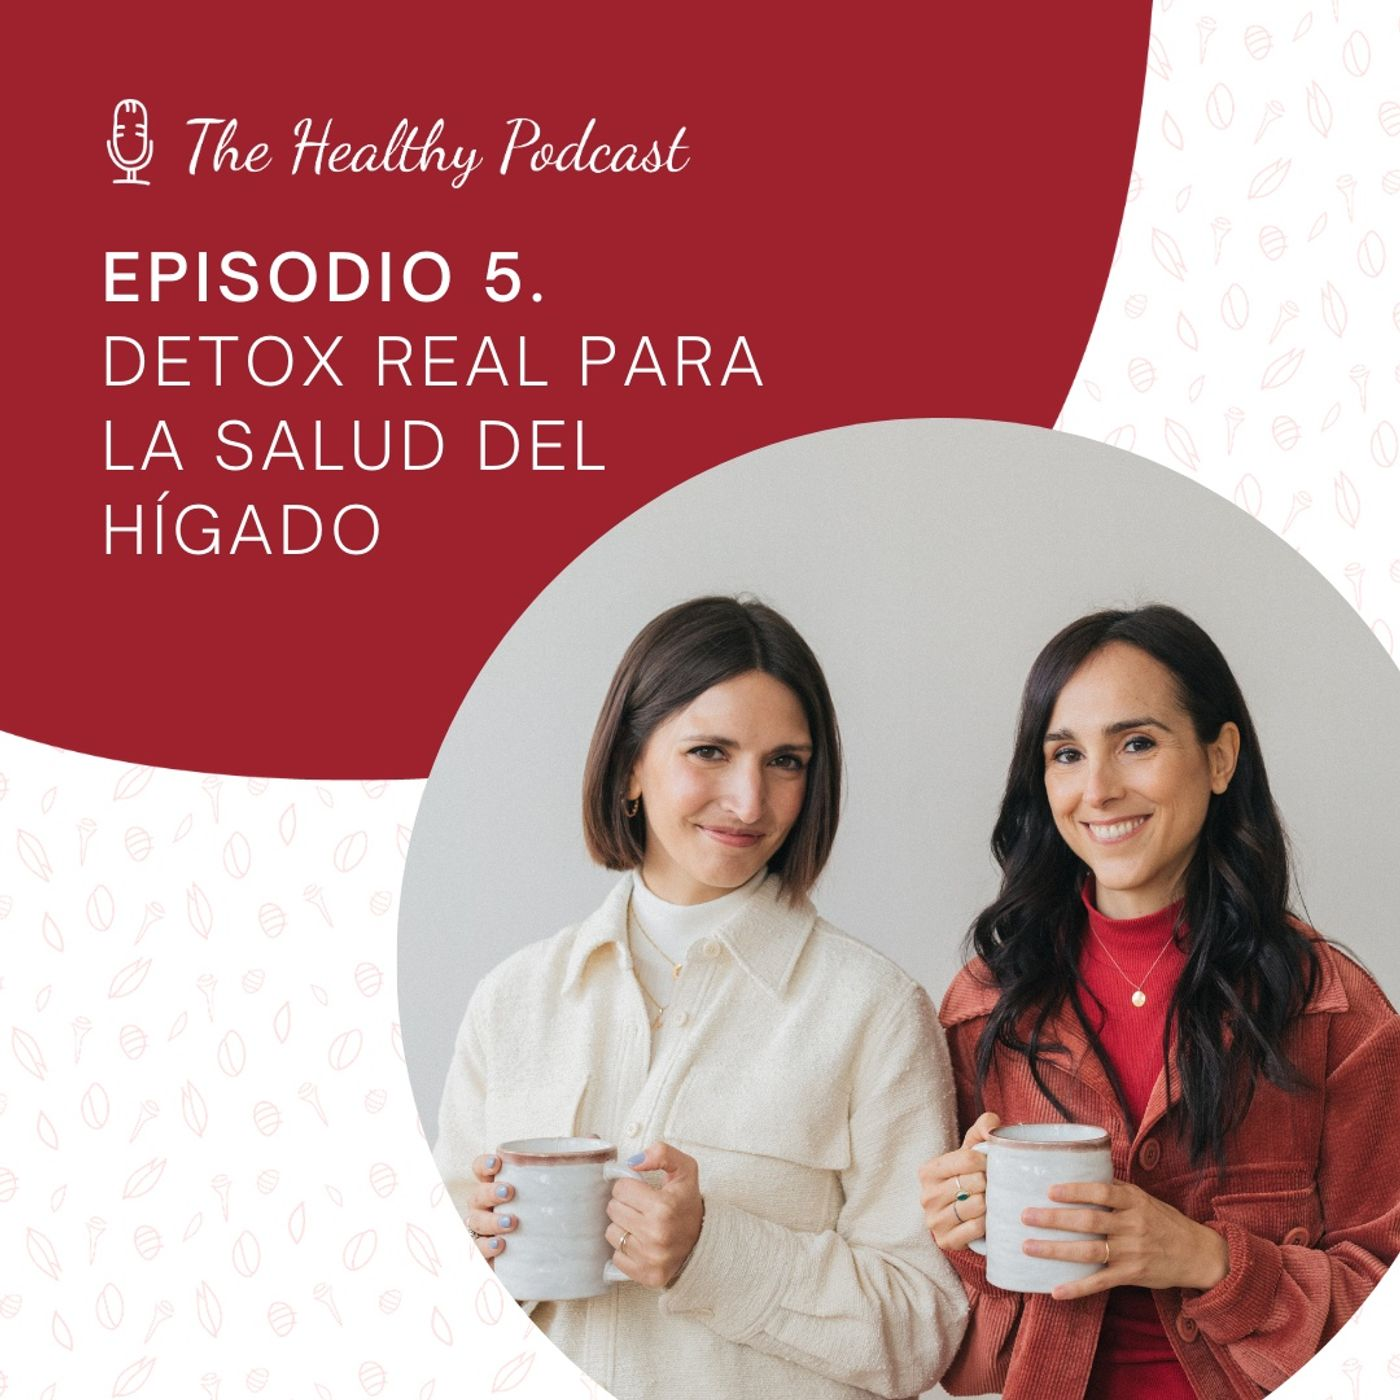 Episodio 5. Detox real para la salud del hígado